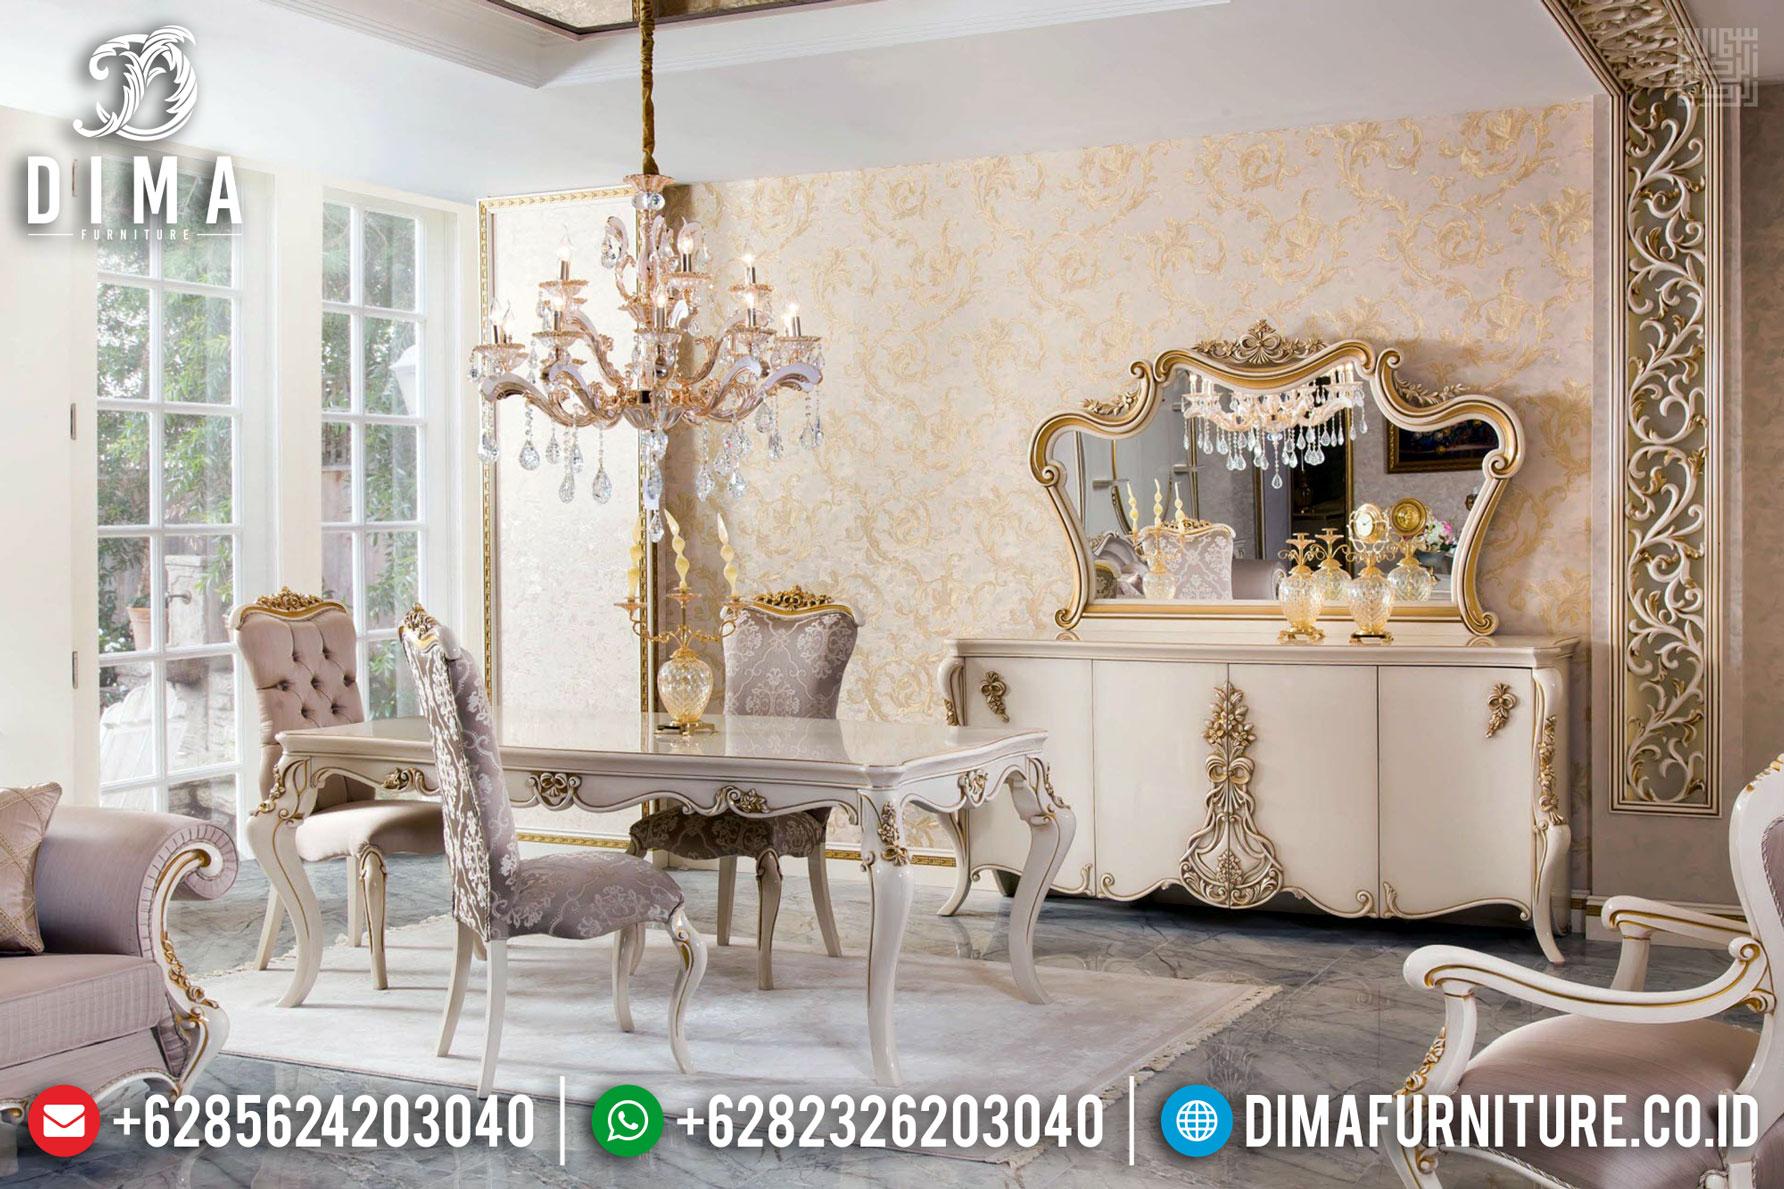 Flash Sale Meja Makan Mewah Klasik Europe Style Luxury Mebel Jepara Terupdate TTJ-1342